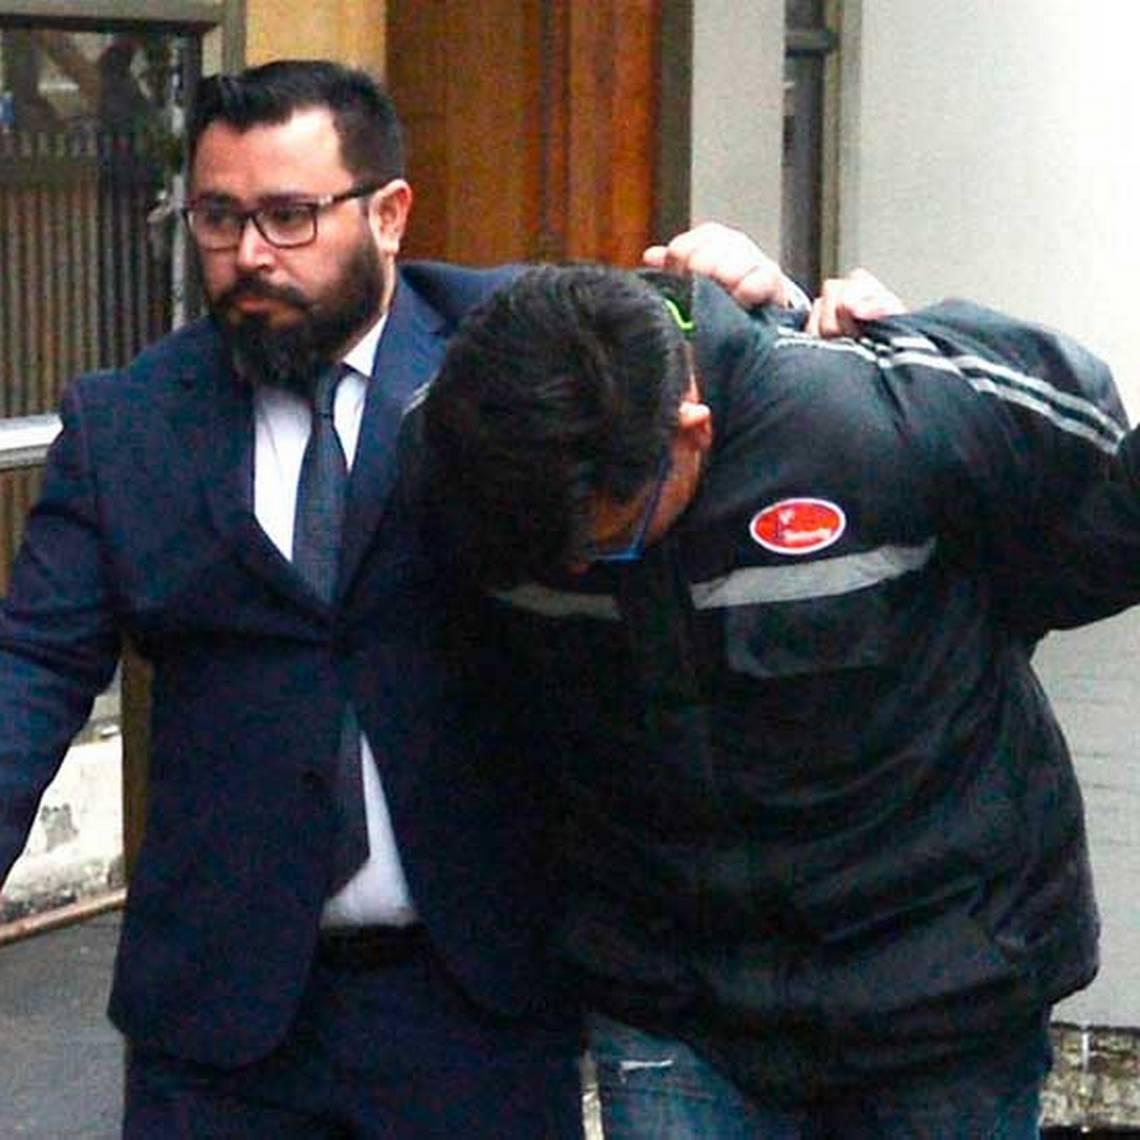 Reveladora conversación de Francisco Silva y su ex tras crimen de Nibaldo Villegas